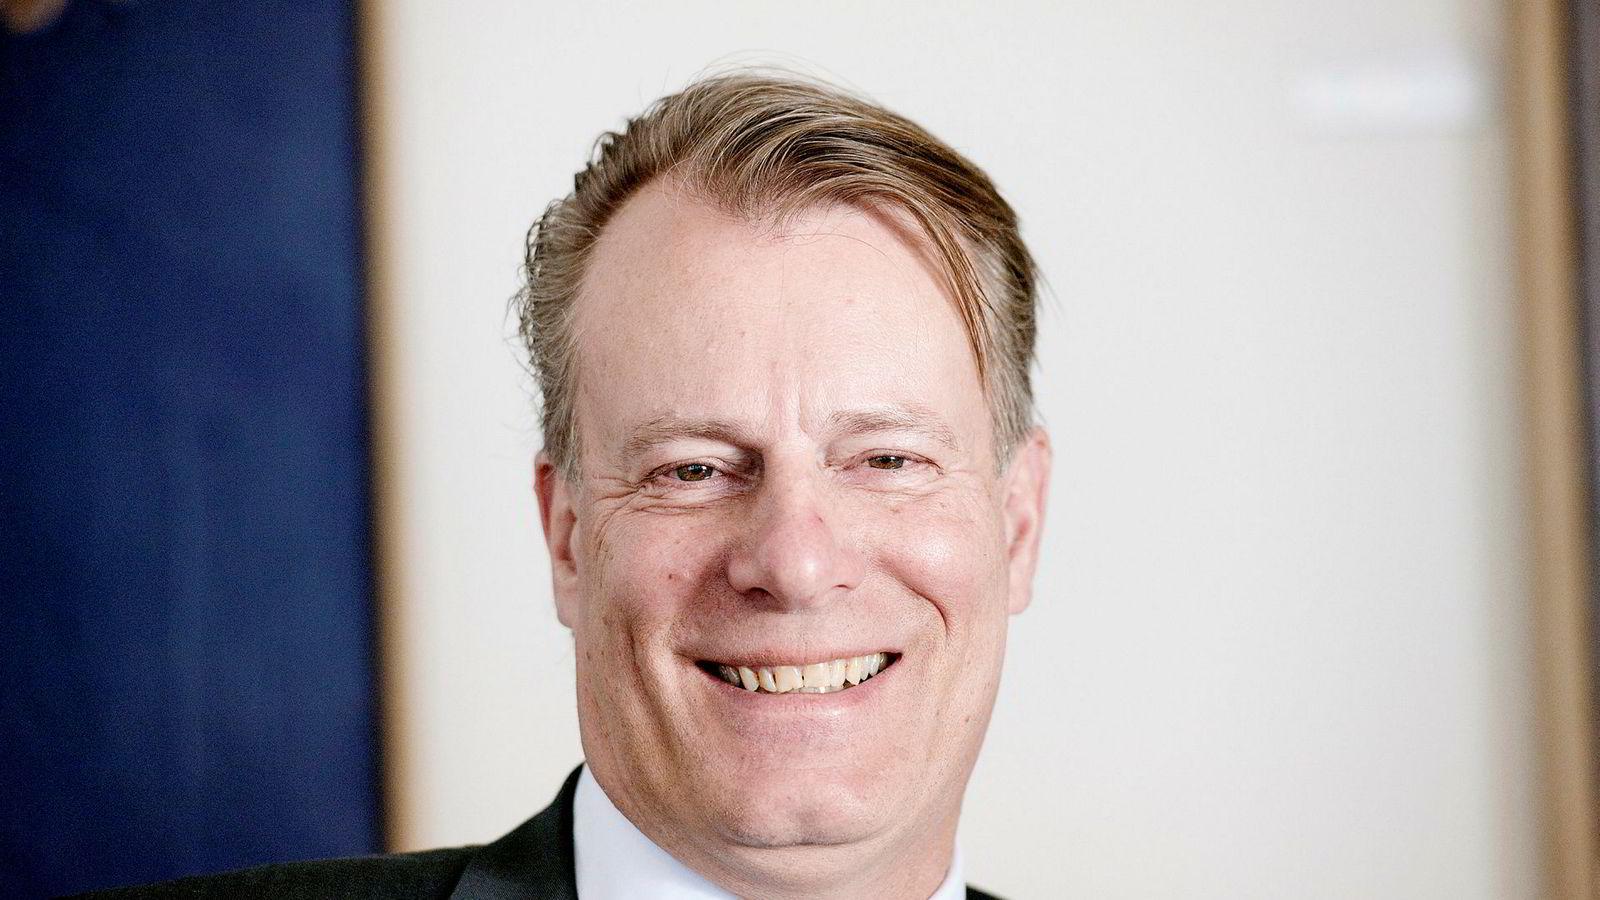 Johan H. Andresen, styreleder og eier av industri- og investeringsselskapet Ferd, opplevde torsdag en historie som kan gå rett inn i julens budskap om tilgivelse og nestekjærlighet.